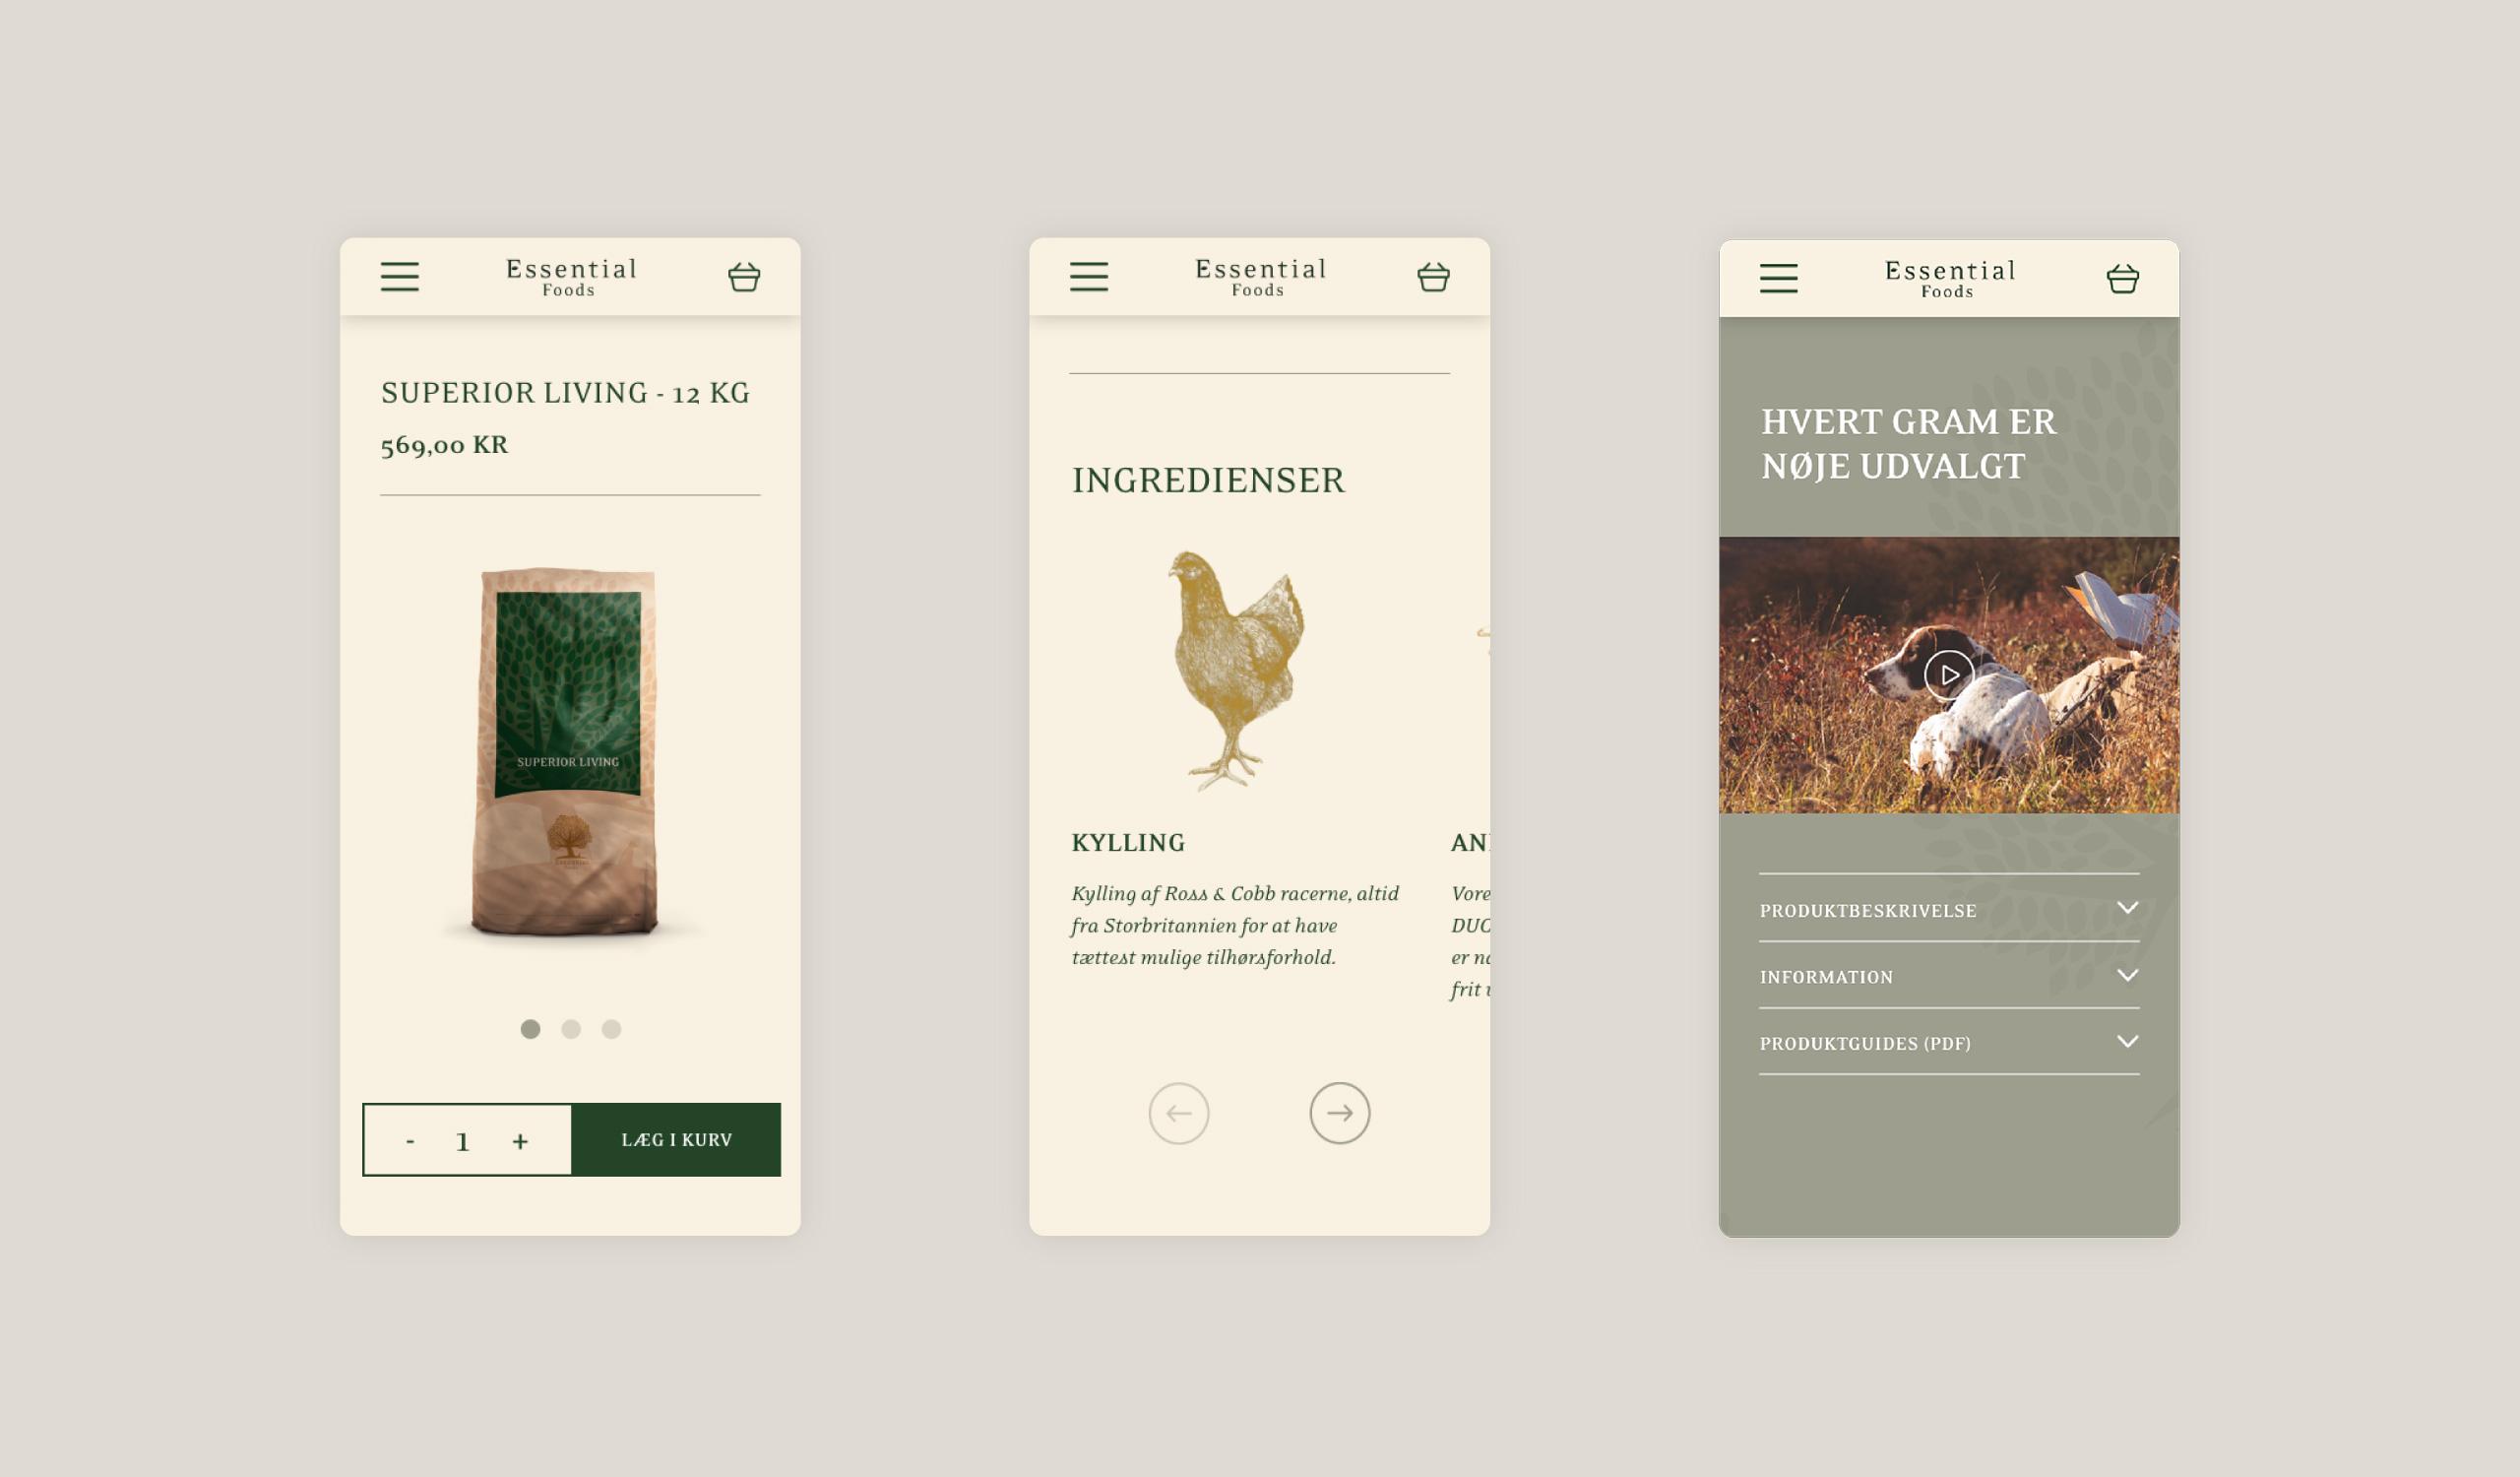 Mobile webshop selling dog food